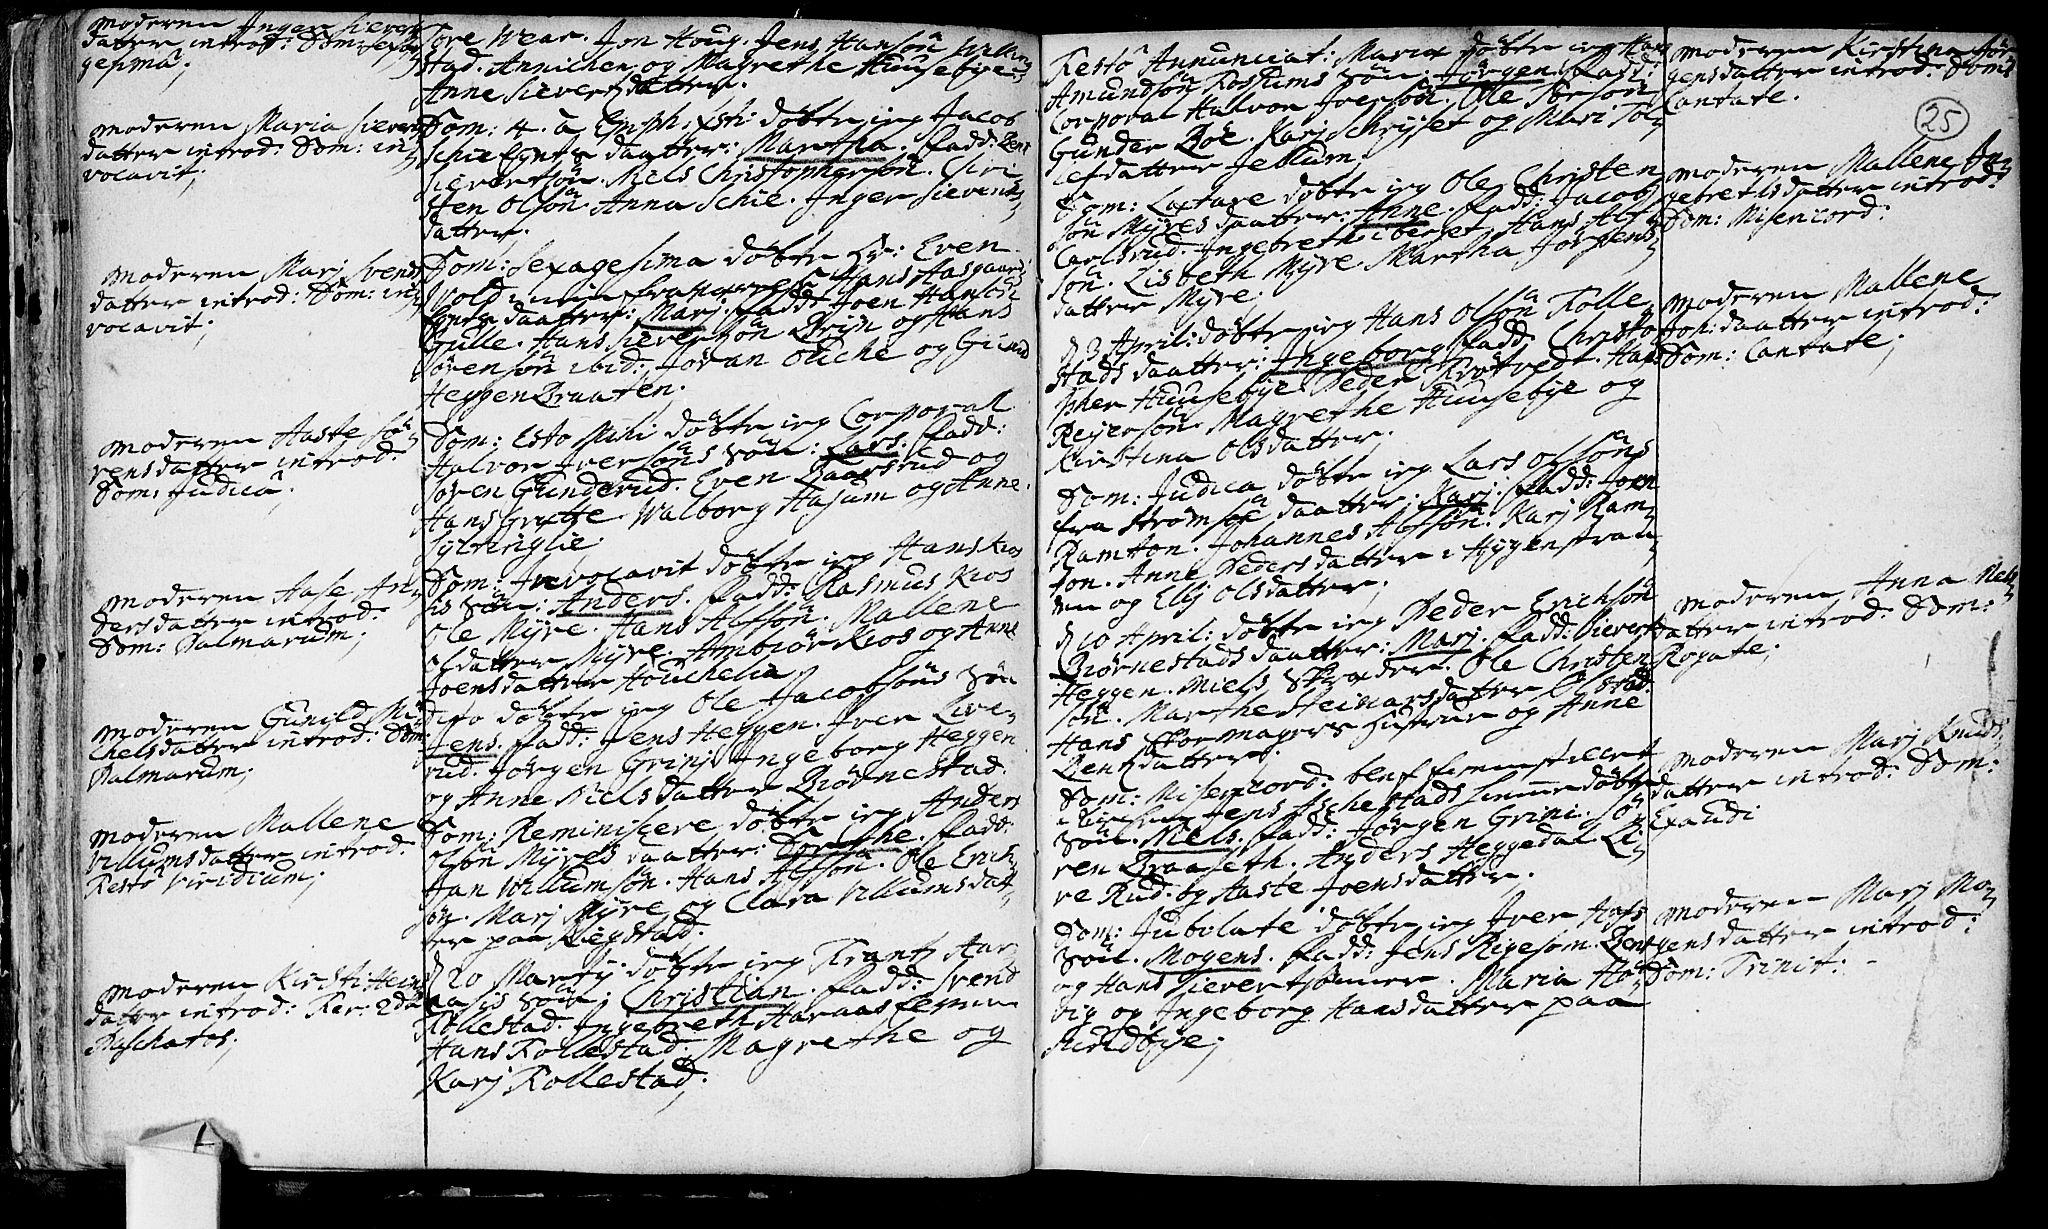 SAKO, Røyken kirkebøker, F/Fa/L0002: Ministerialbok nr. 2, 1731-1782, s. 25